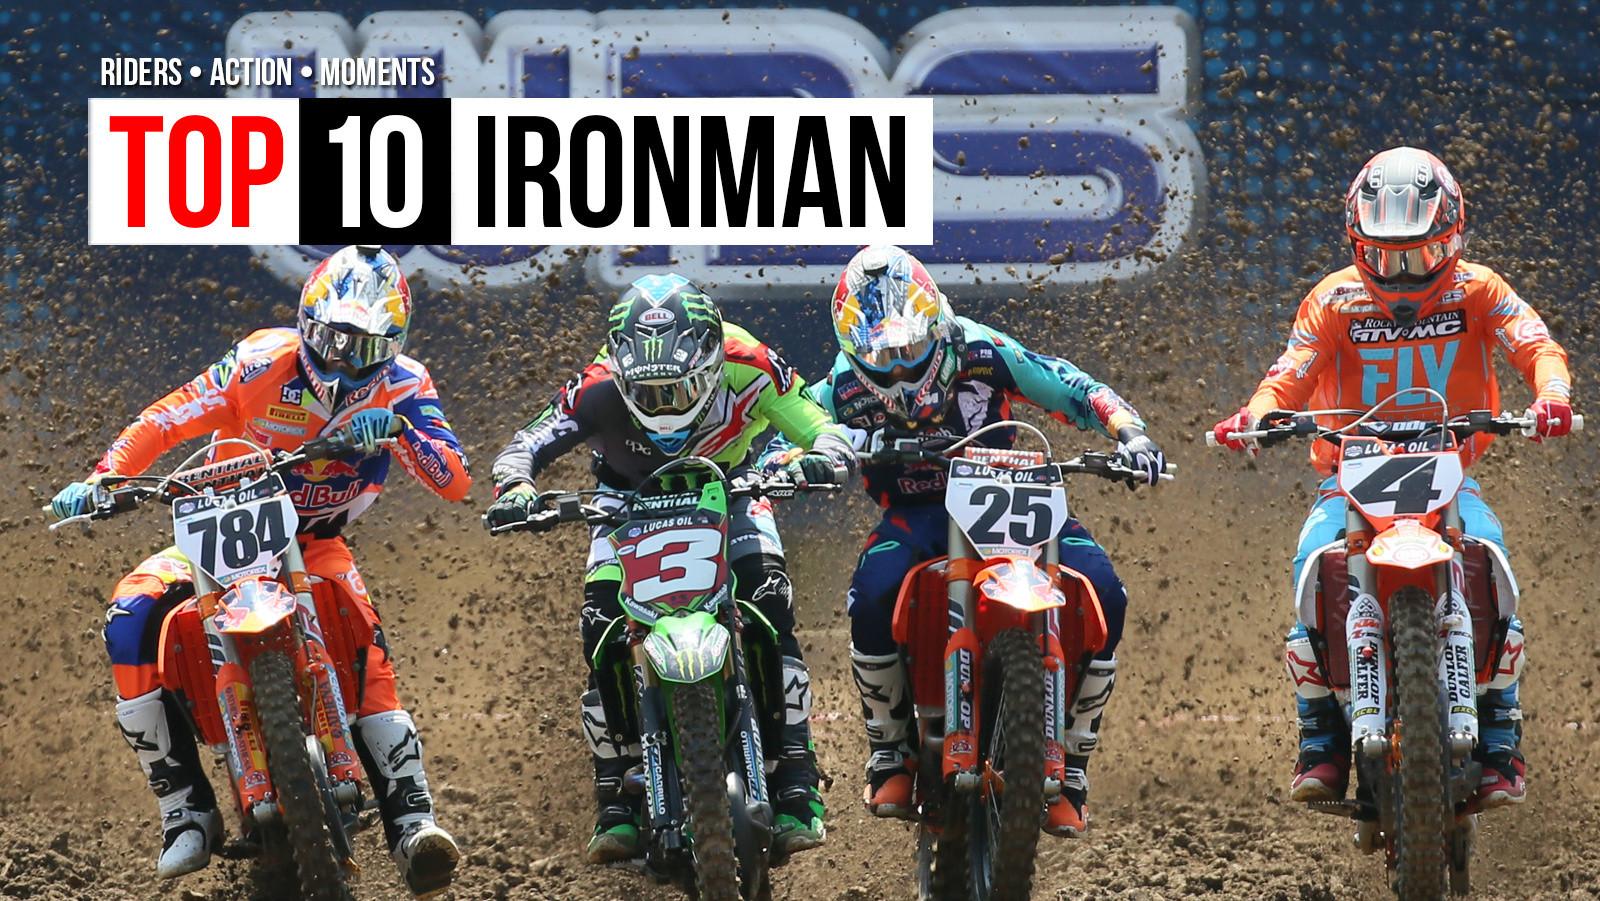 Top 10: Ironman